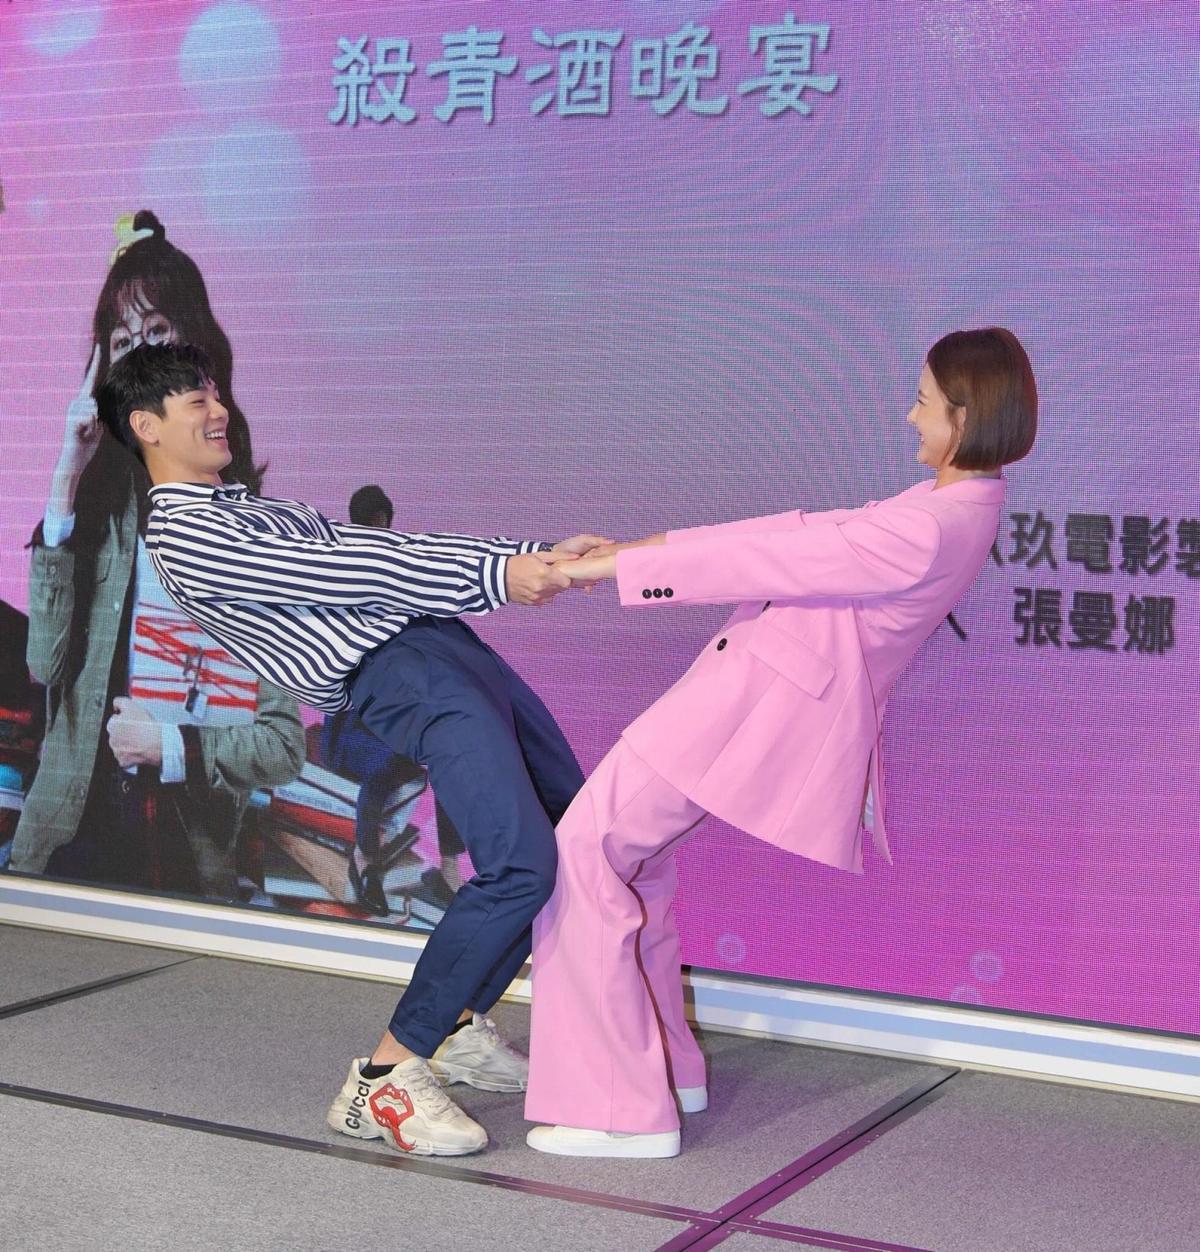 安心亞和禾浩辰在殺青宴上玩得很開心。(三立提供)